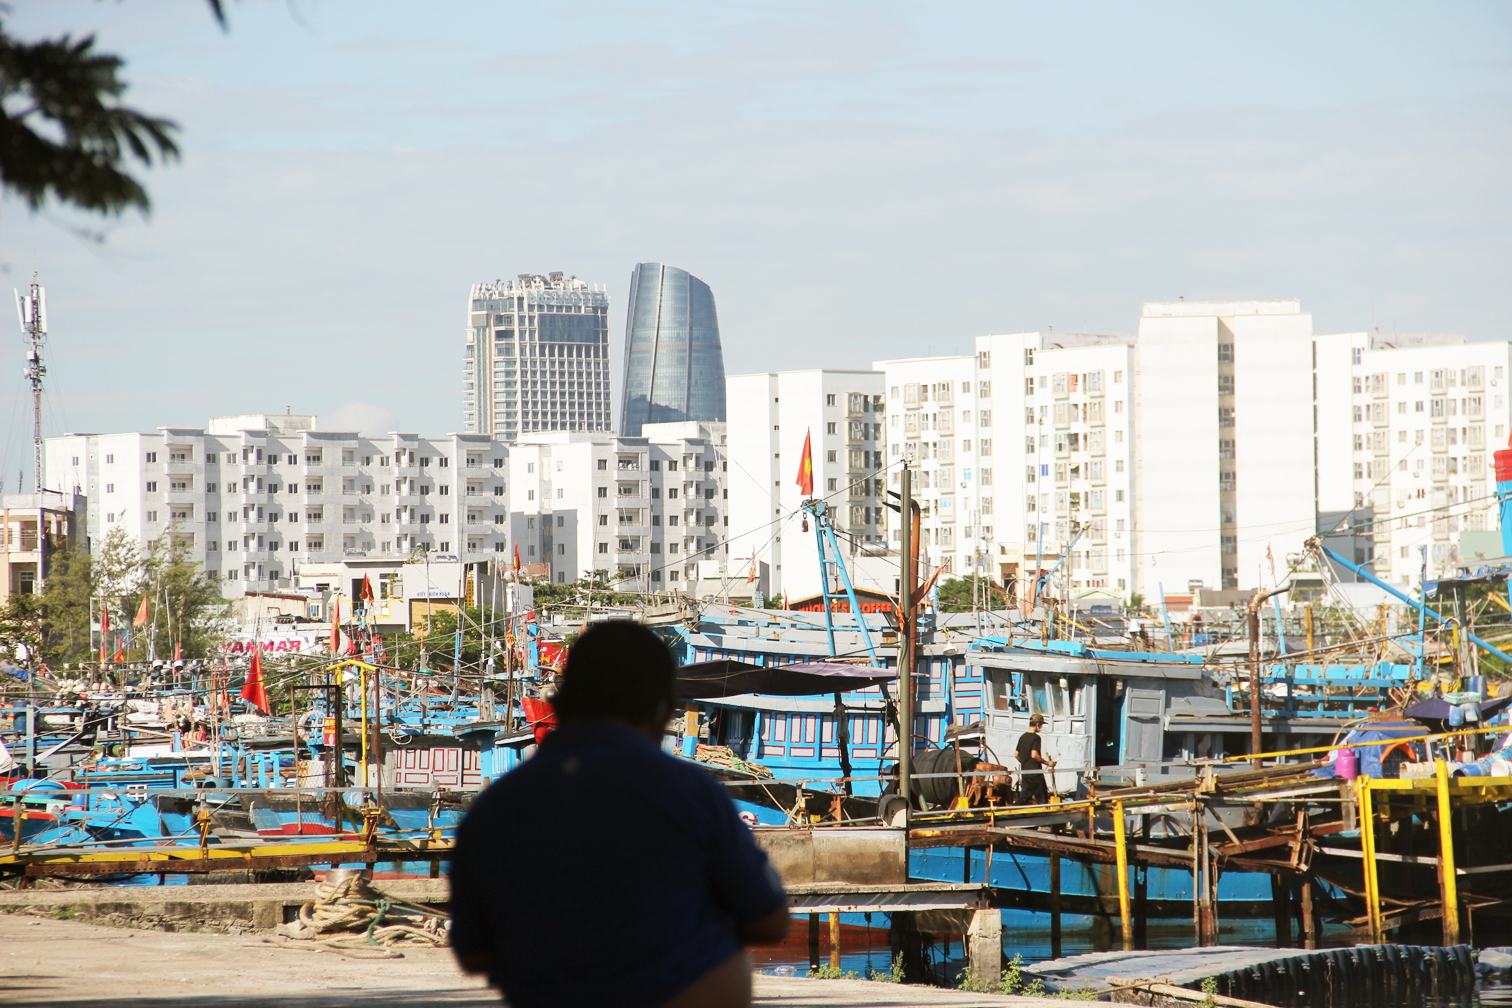 Nguồn cung cấp hải sản cho TP.Đà Nẵng đang gặp khó khăn do cảng cá Thọ Quang bị COVID-19 xâm nhập - ẢNH: ĐÌNH DŨNG